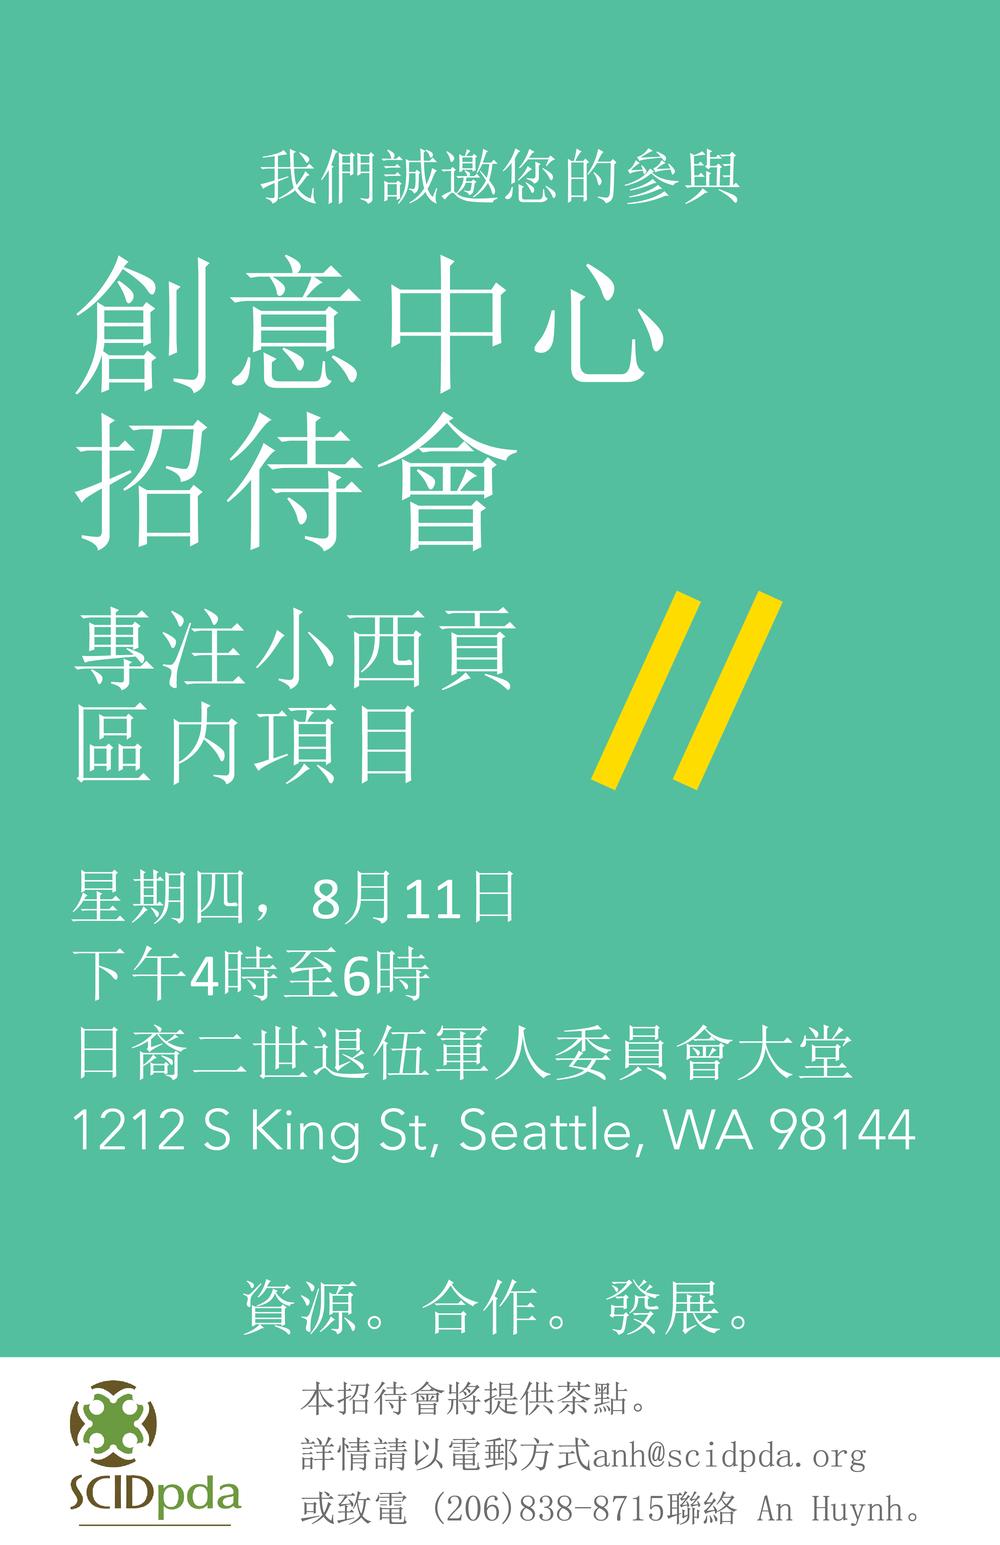 CHINESE_LS_OpenHouse.jpg